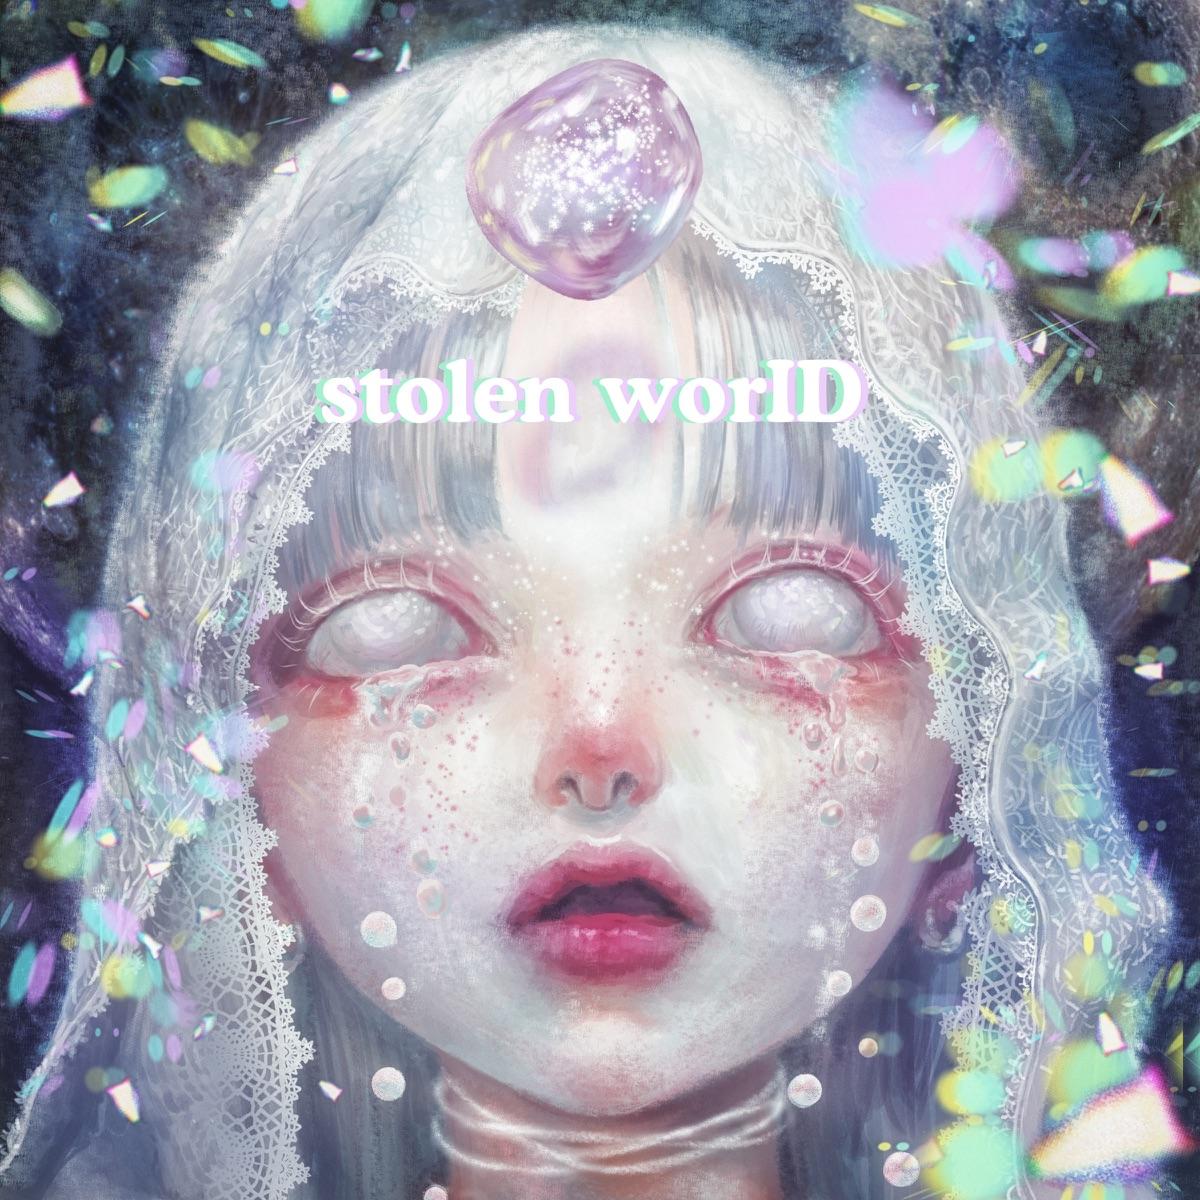 『大森靖子 - stolen worID』収録の『stolen worID』ジャケット